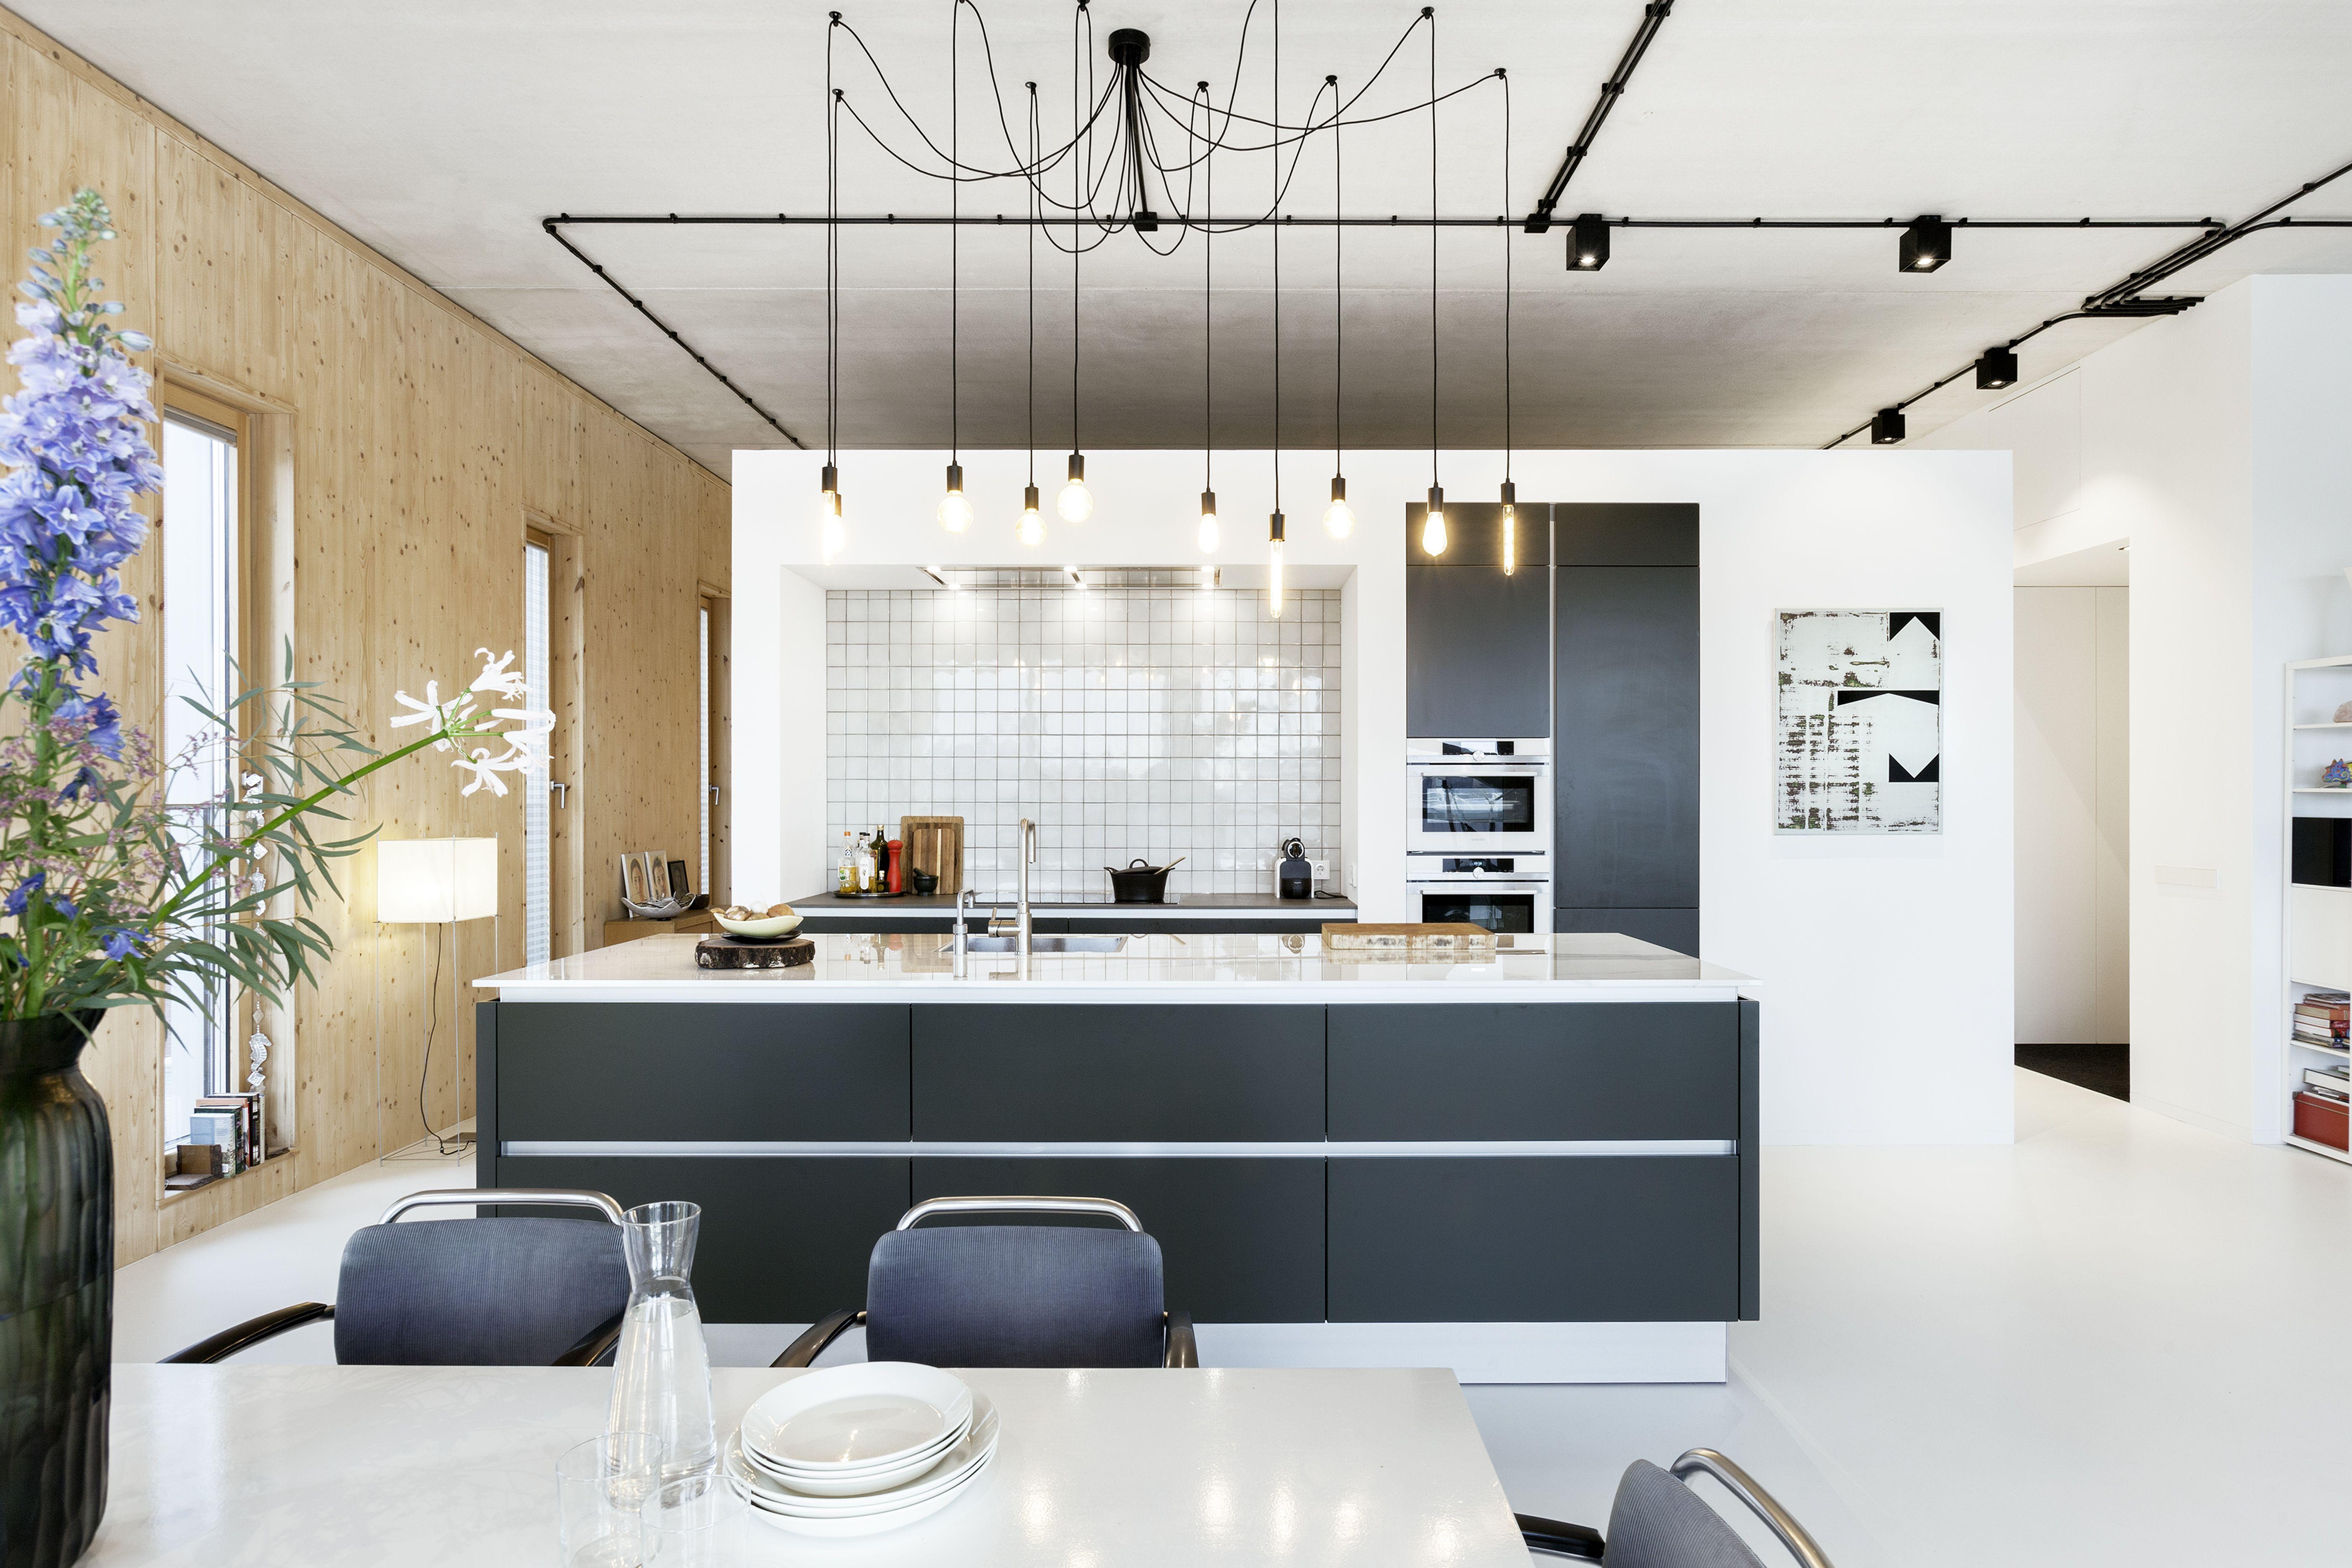 Moderne Warme Keuken : Moderne sfeervolle keuken met kookeiland door de toepassing van